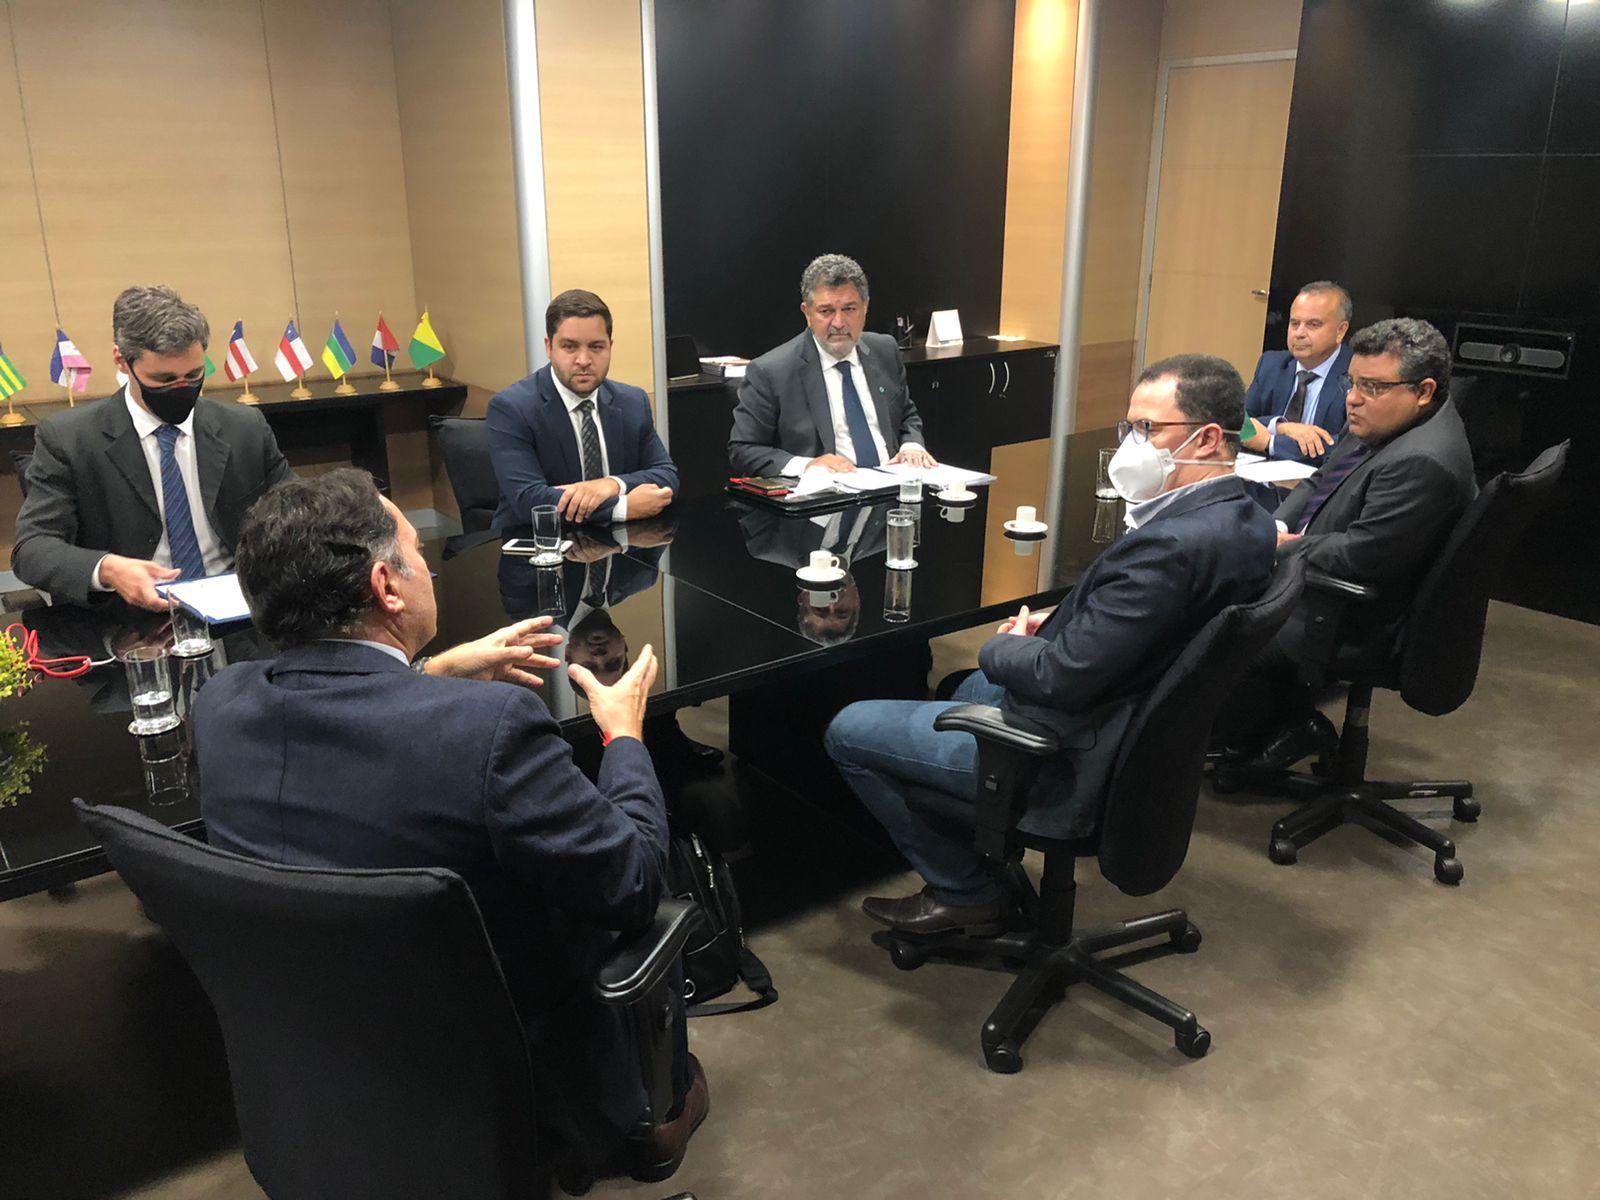 Imagem de uma reunião